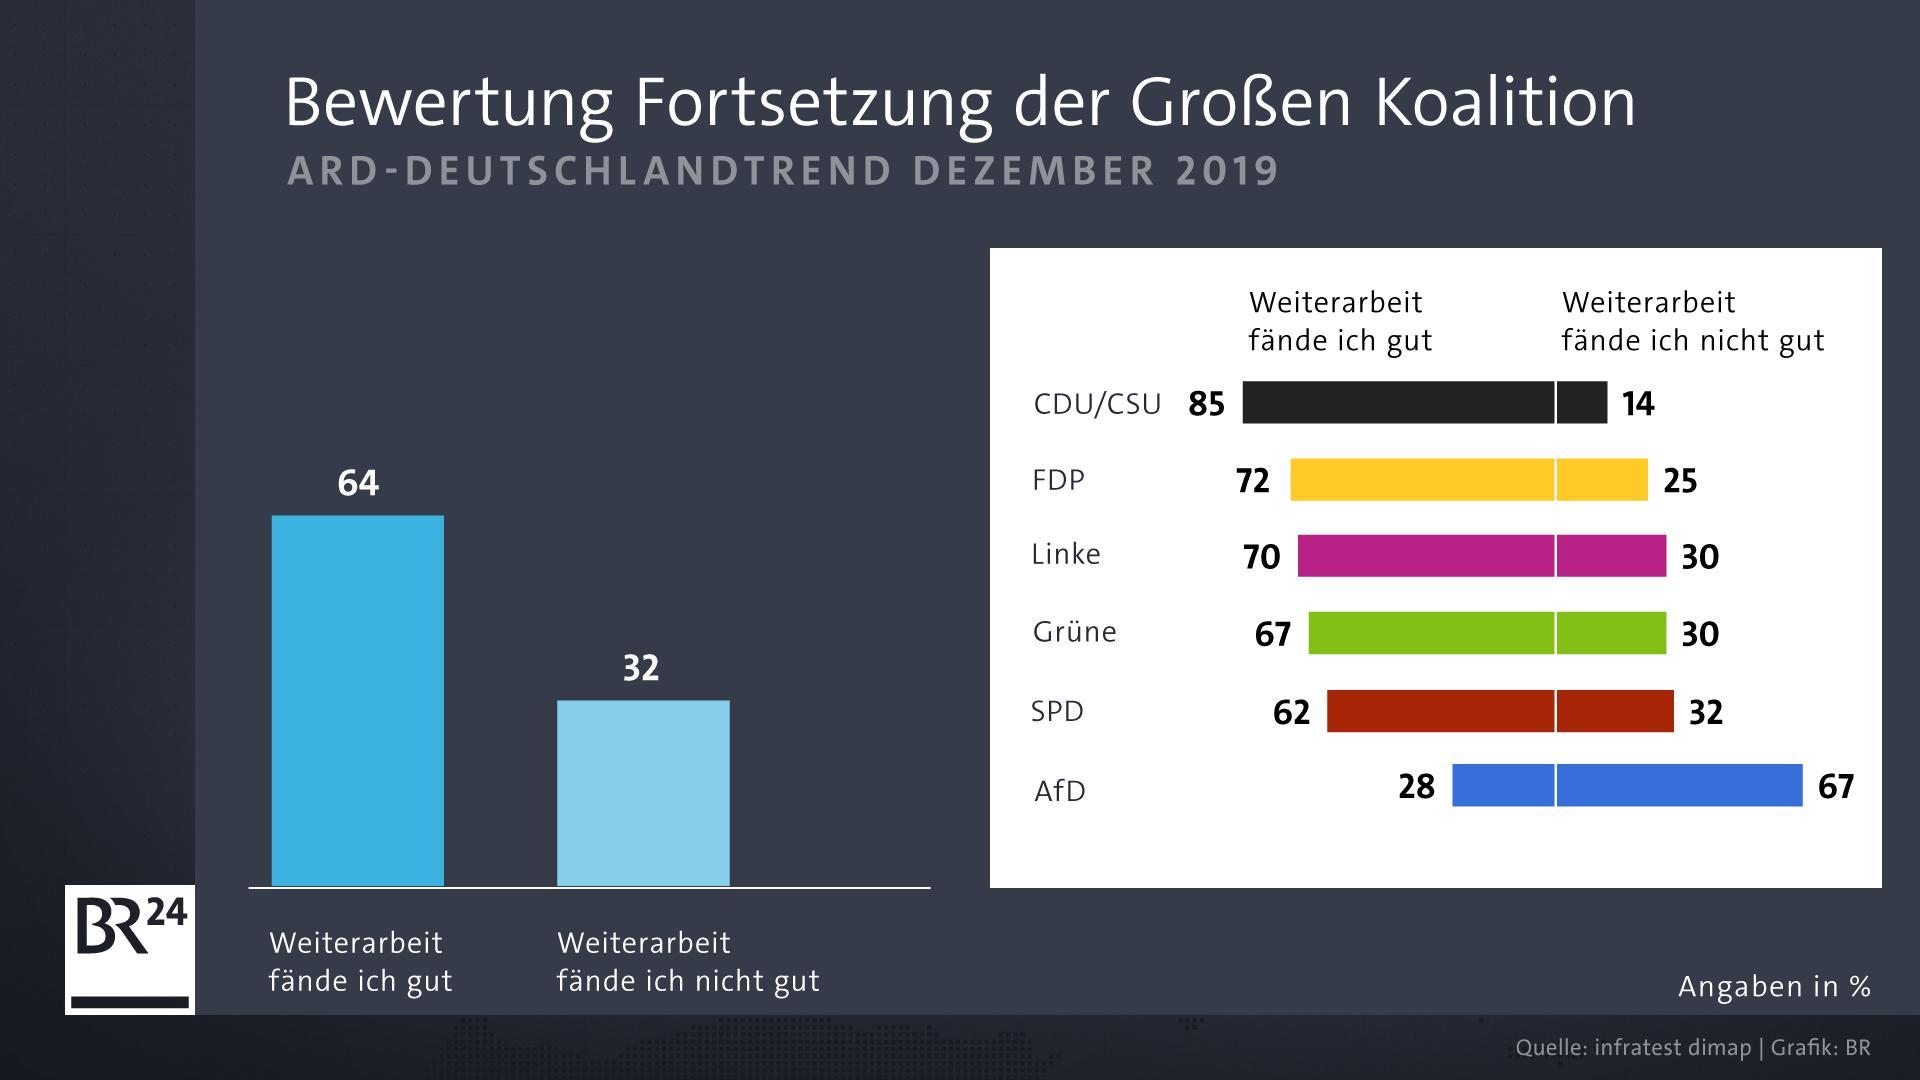 SPD riskiert Zerreißprobe in Koalition - Partei rückt nach links